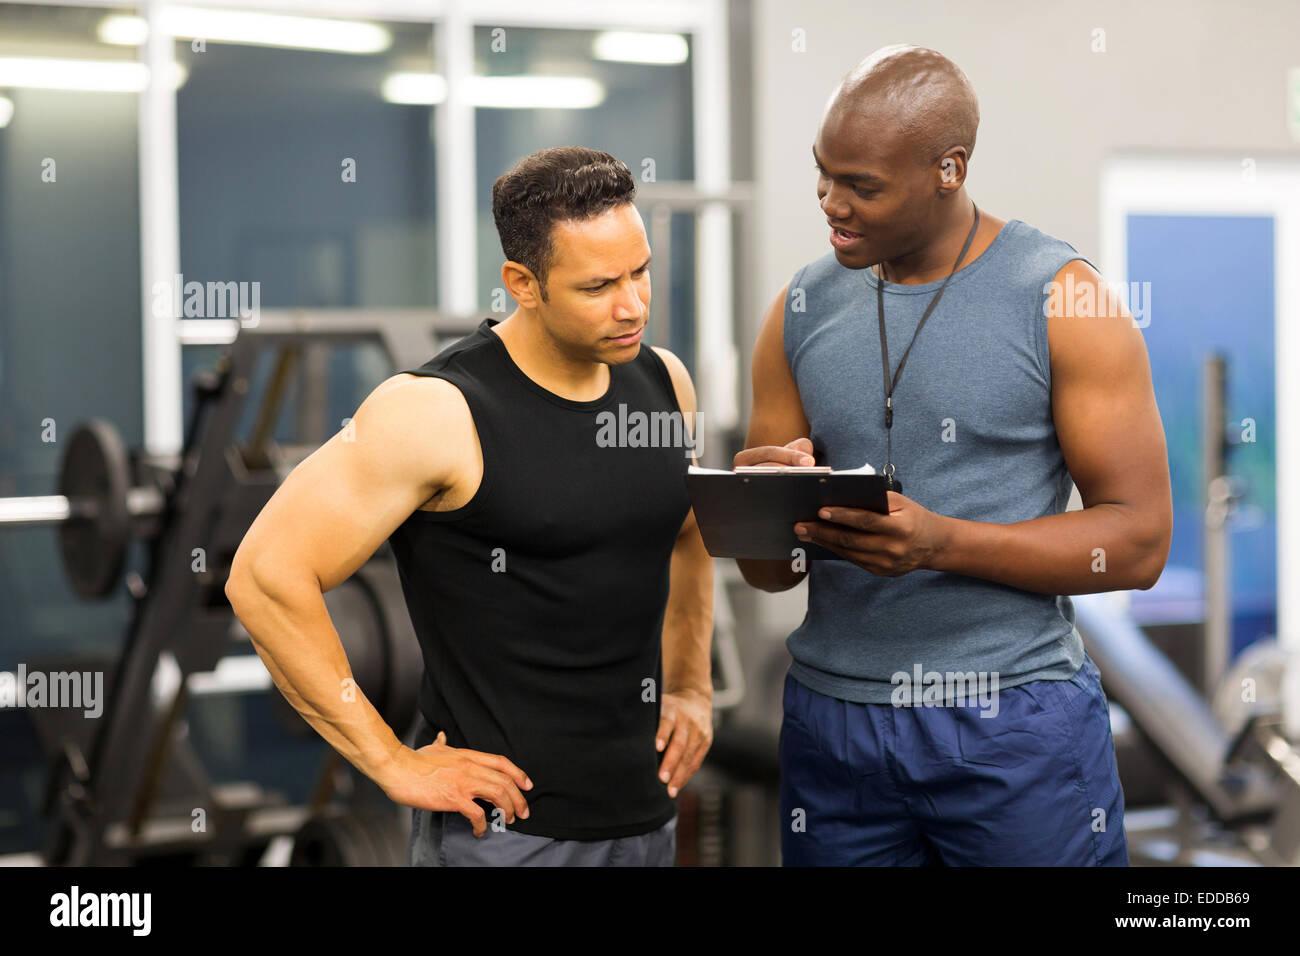 Entrenador personal africano ayudando al hombre para llenar el formulario de afiliación de club de salud Imagen De Stock